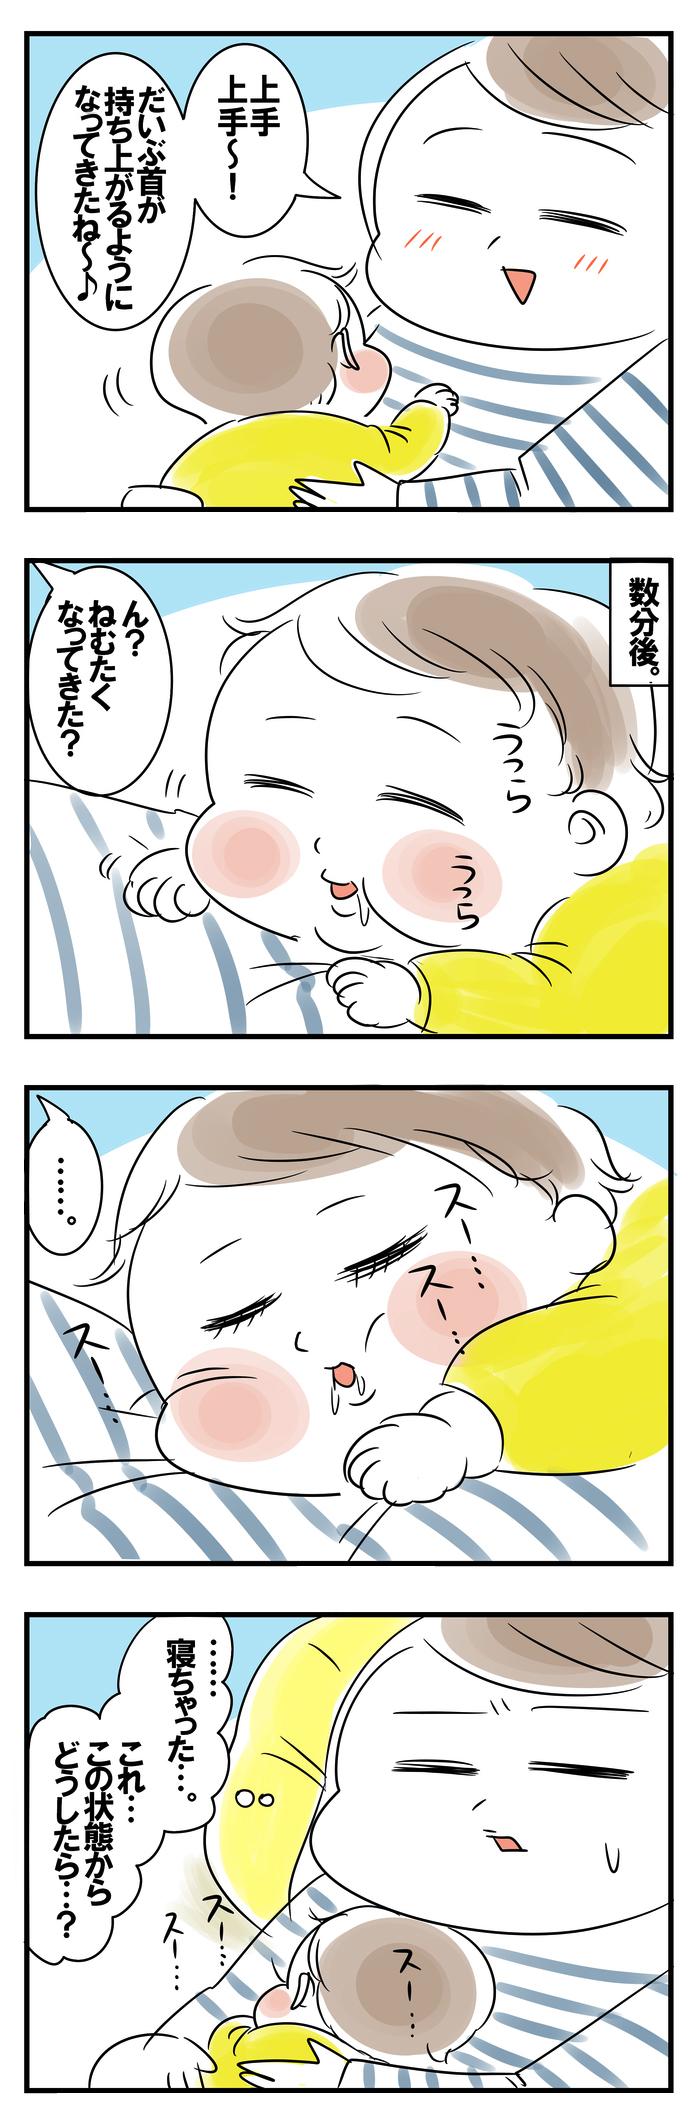 今日はママと腹ばい練習。そのまま寝ちゃうあんずちゃんの愛おしさよ♡の画像1